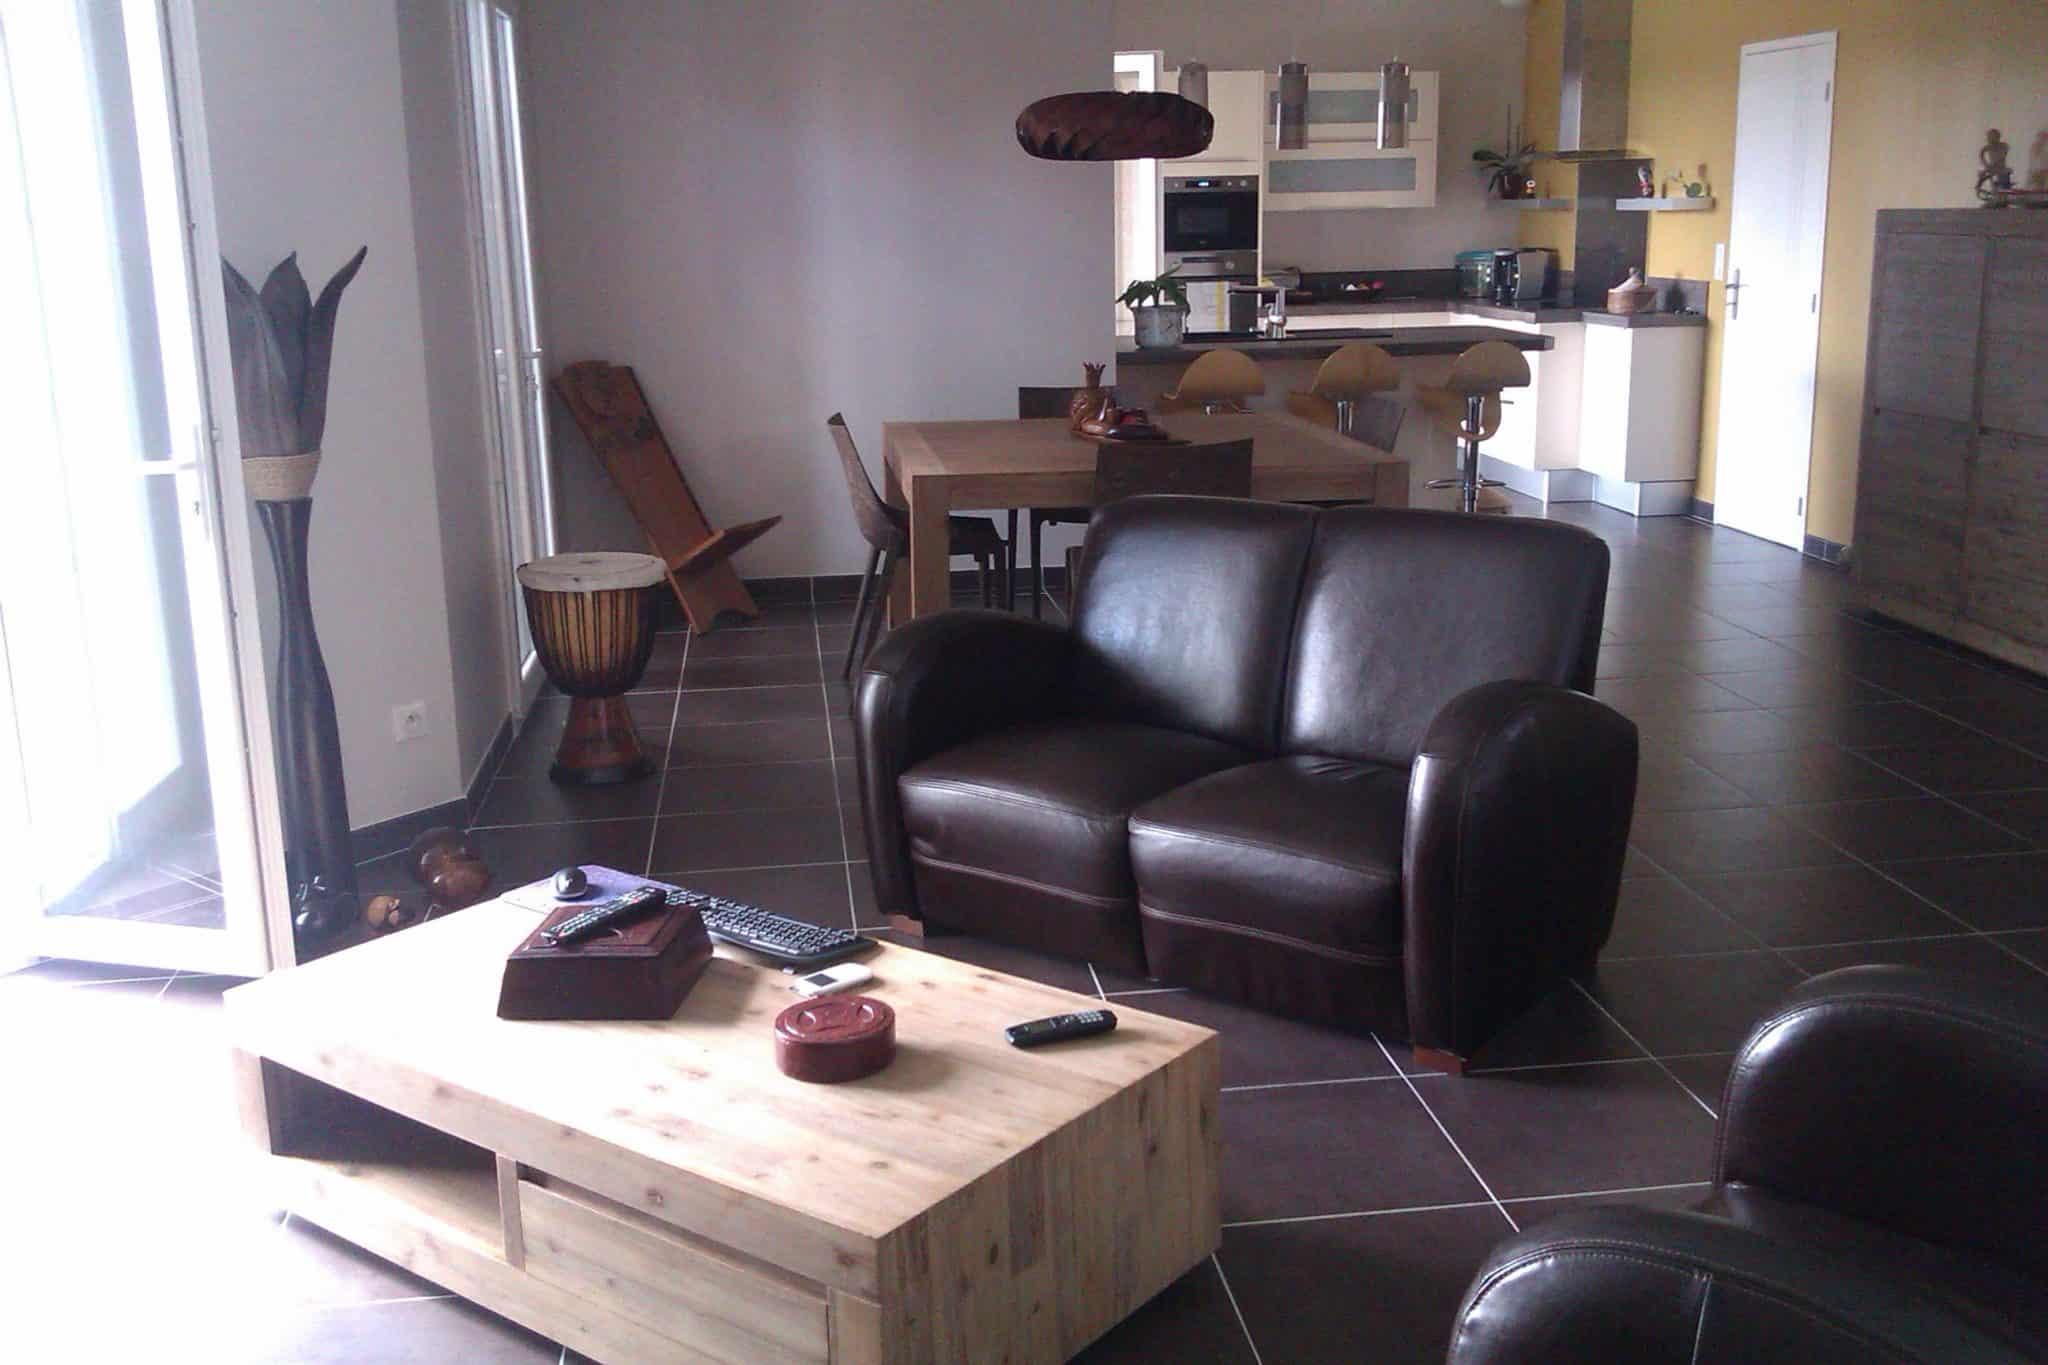 Décoration intérieure, agencement salon